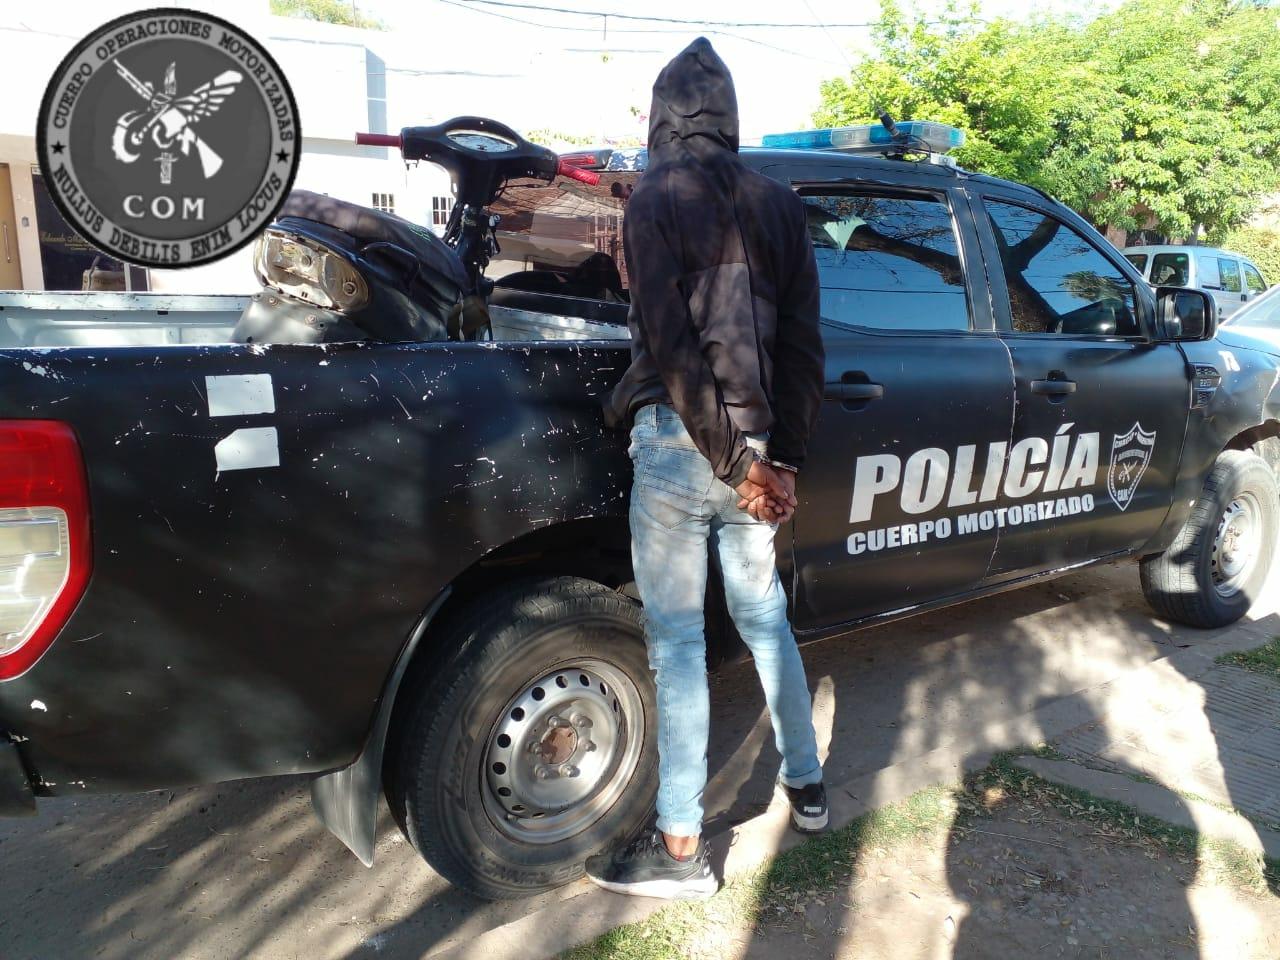 Intento de robo, persecución y detención de un motochorro